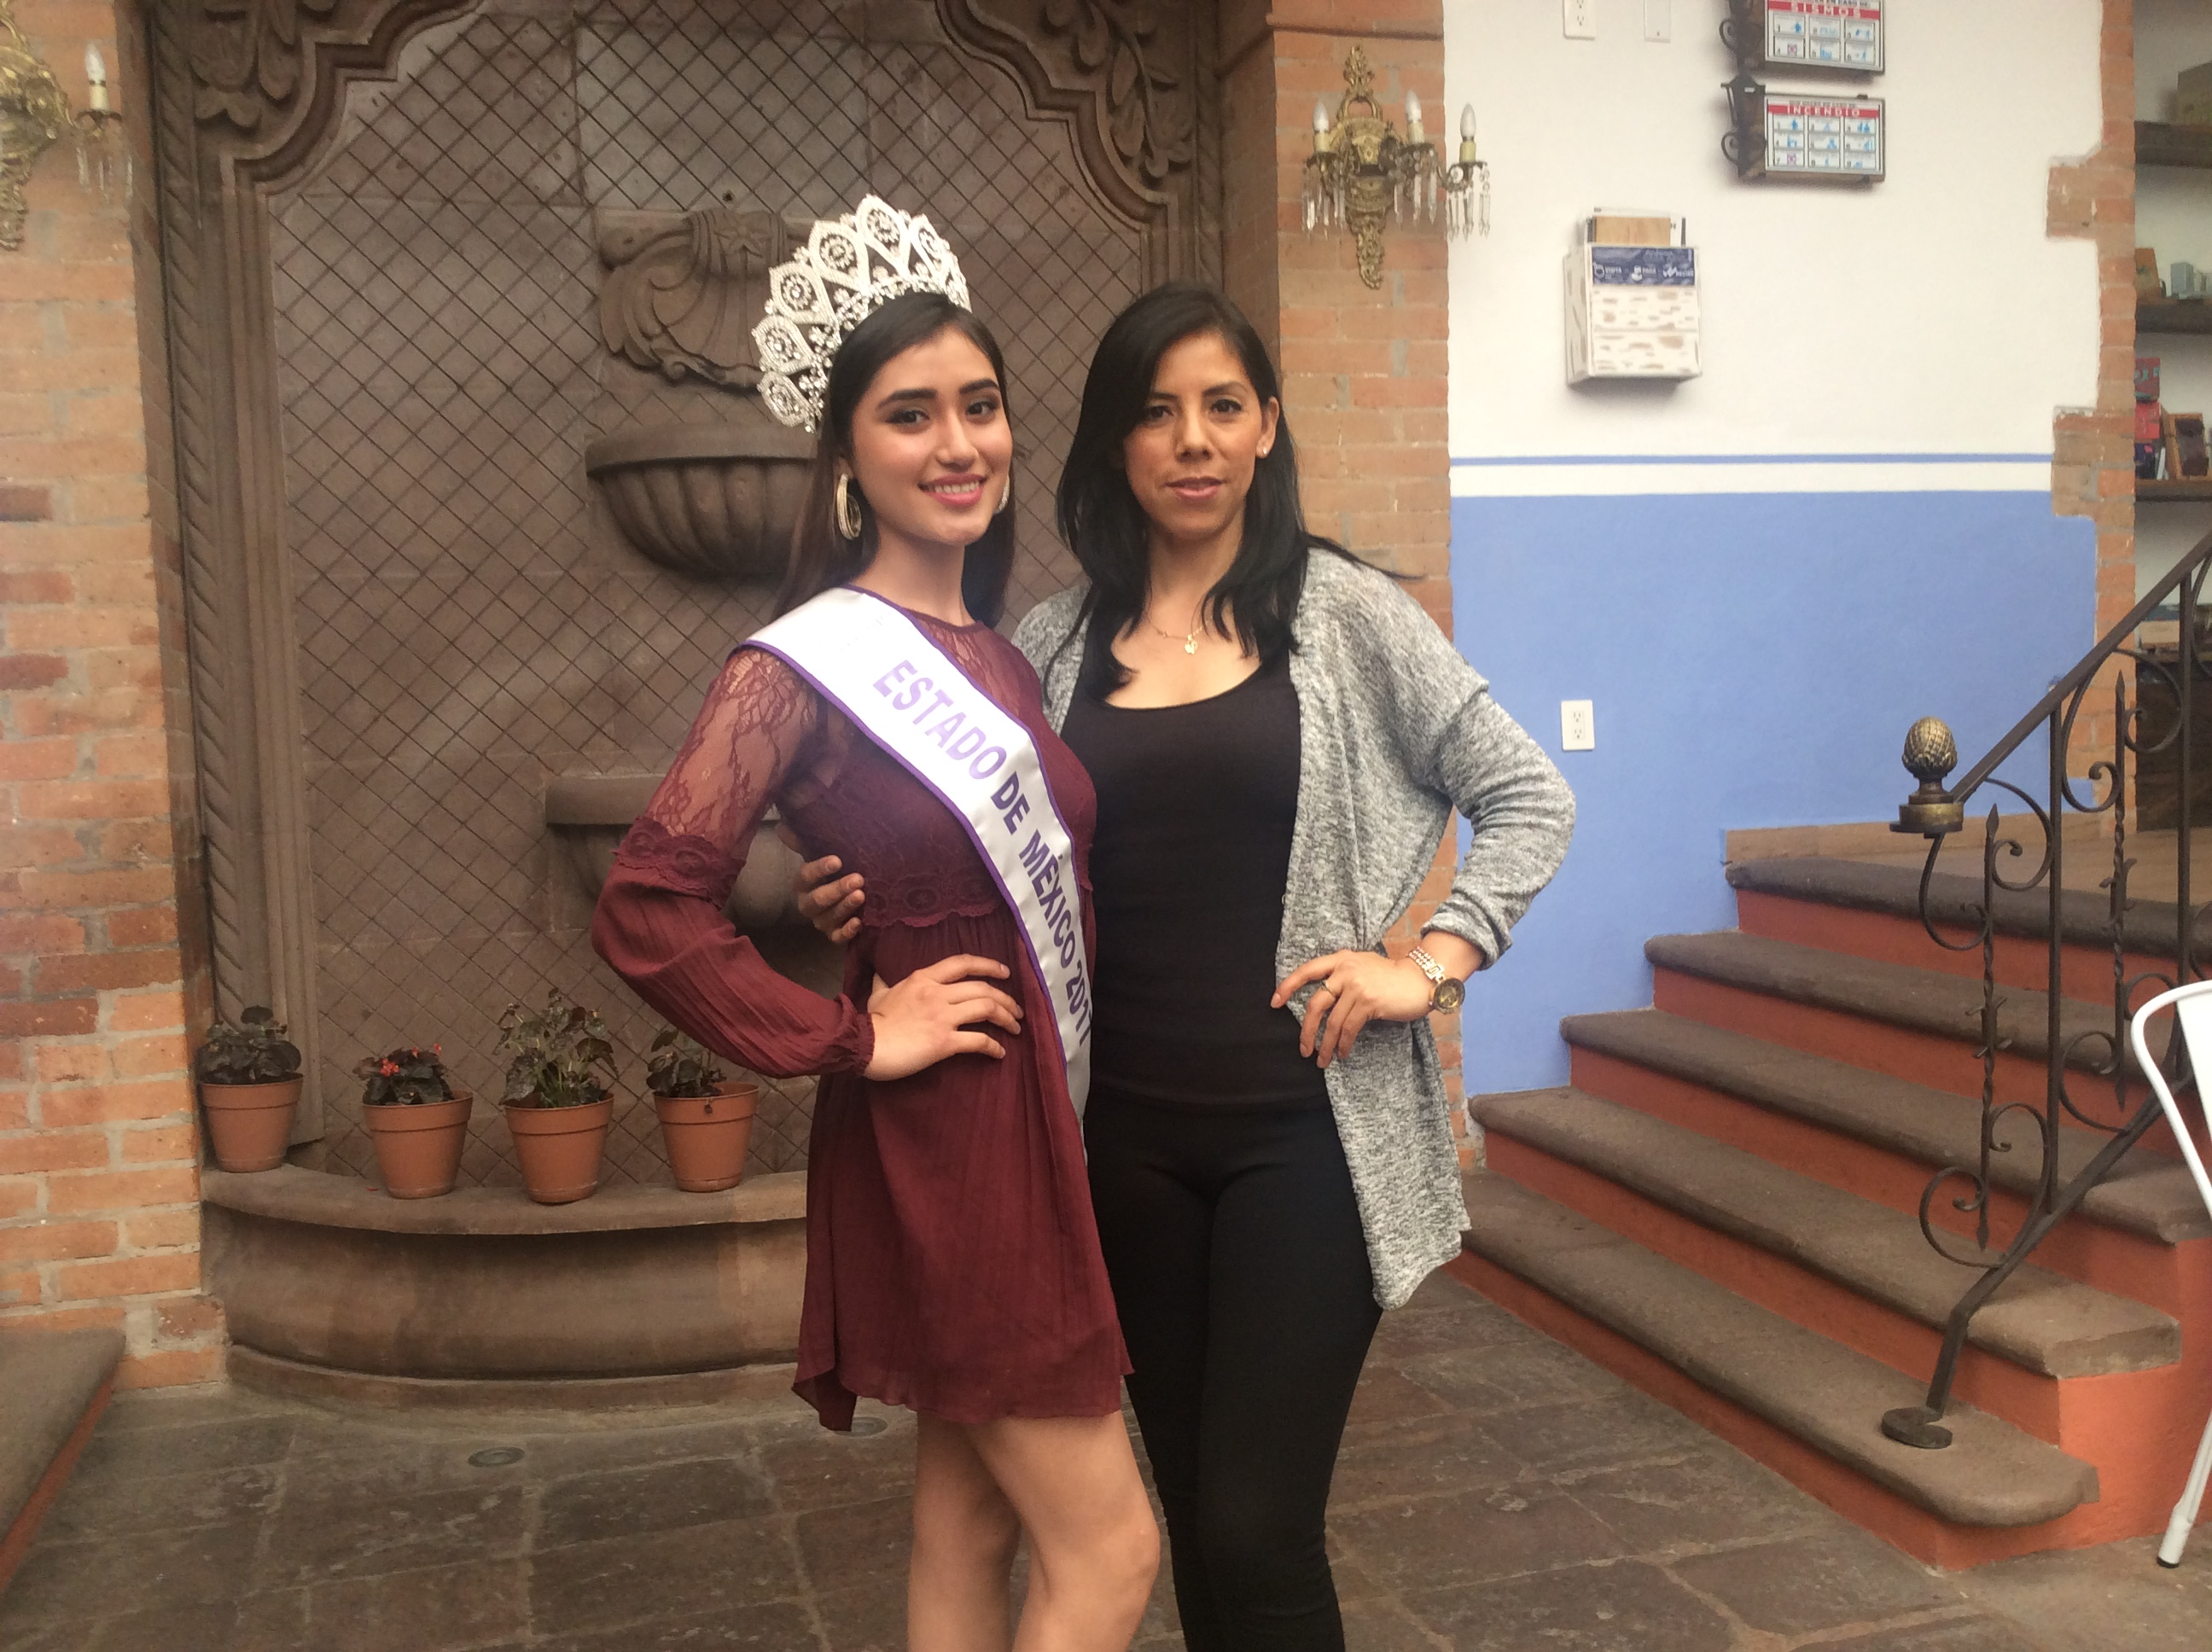 Con mensaje social, buscan reivindicar concursos de belleza